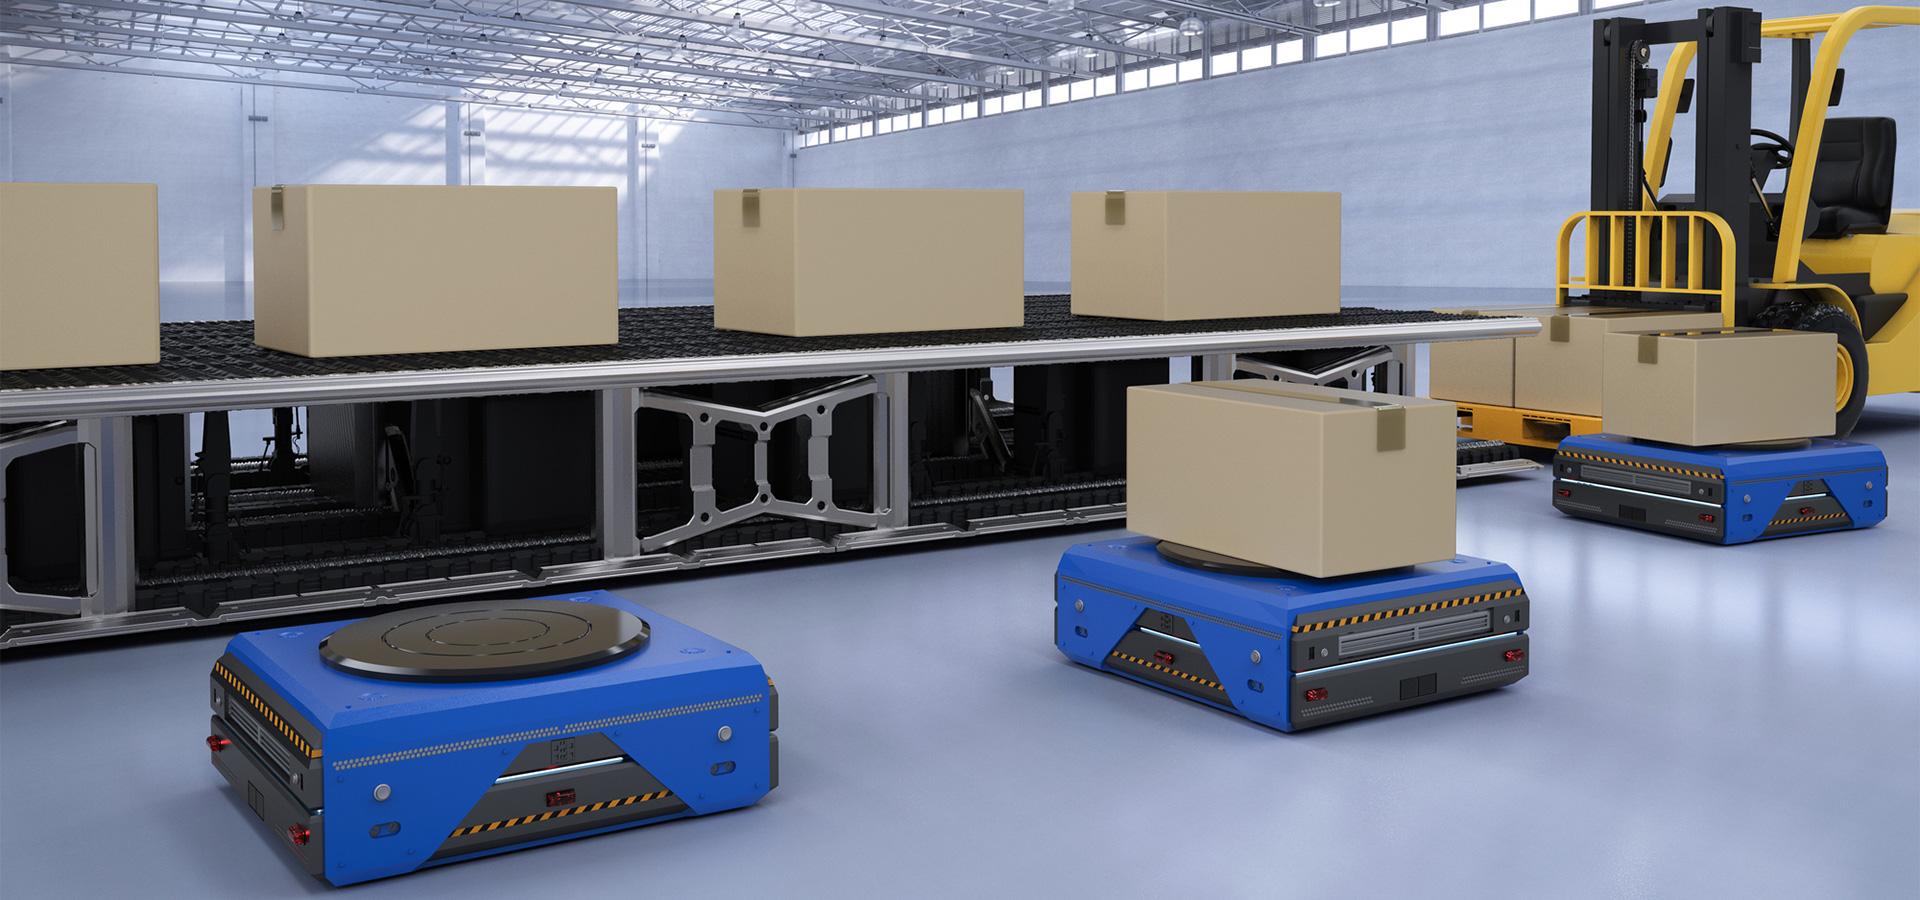 Robotics in warehousing solutions